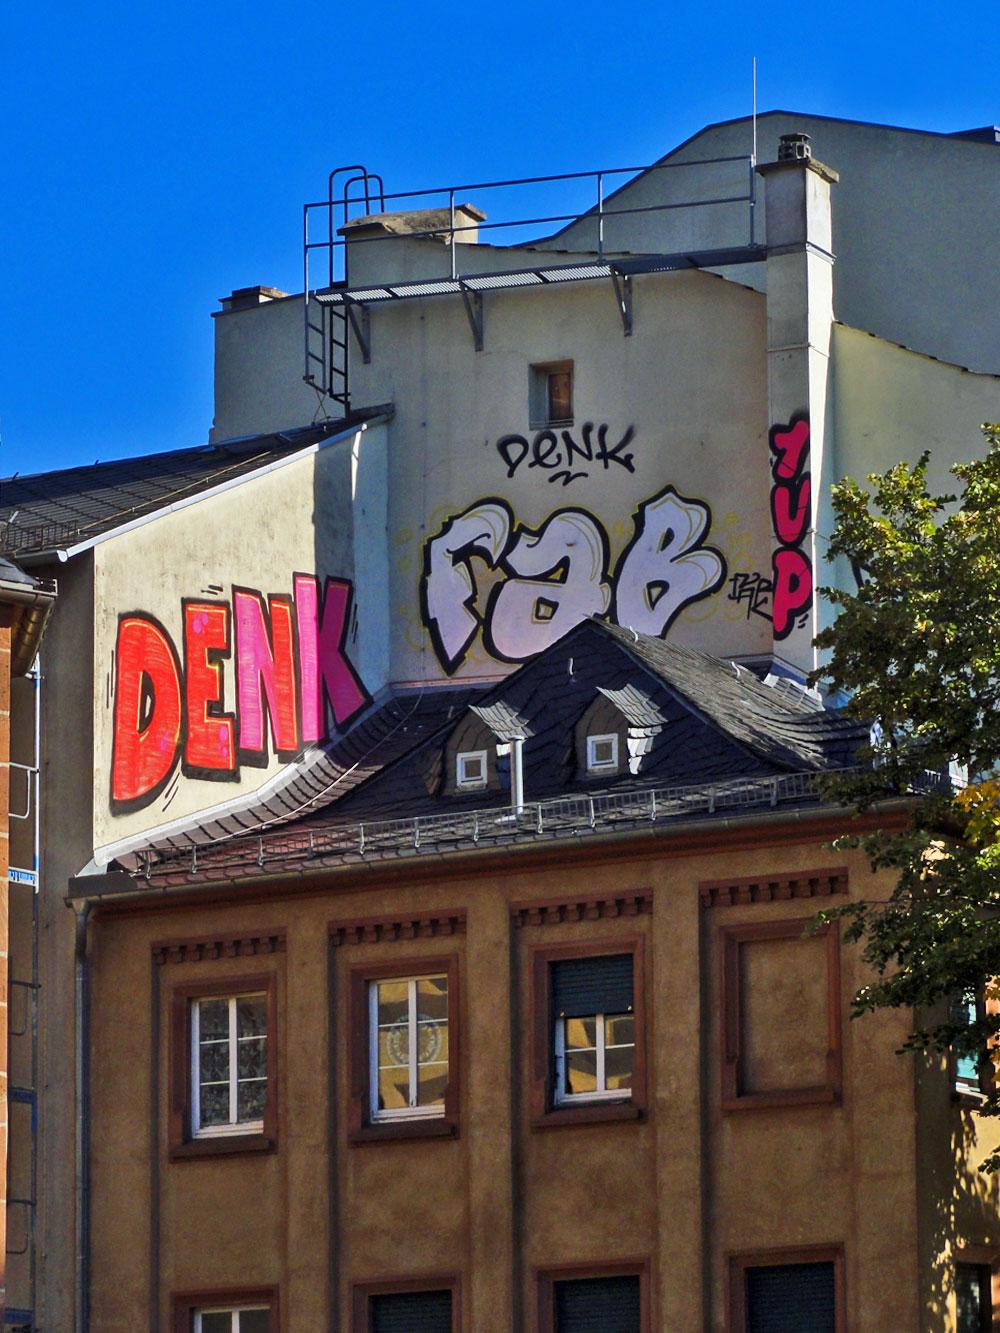 Graffiti in Frankfurt, Rooftop von DENK, FAB und 1UP in der Altstadt